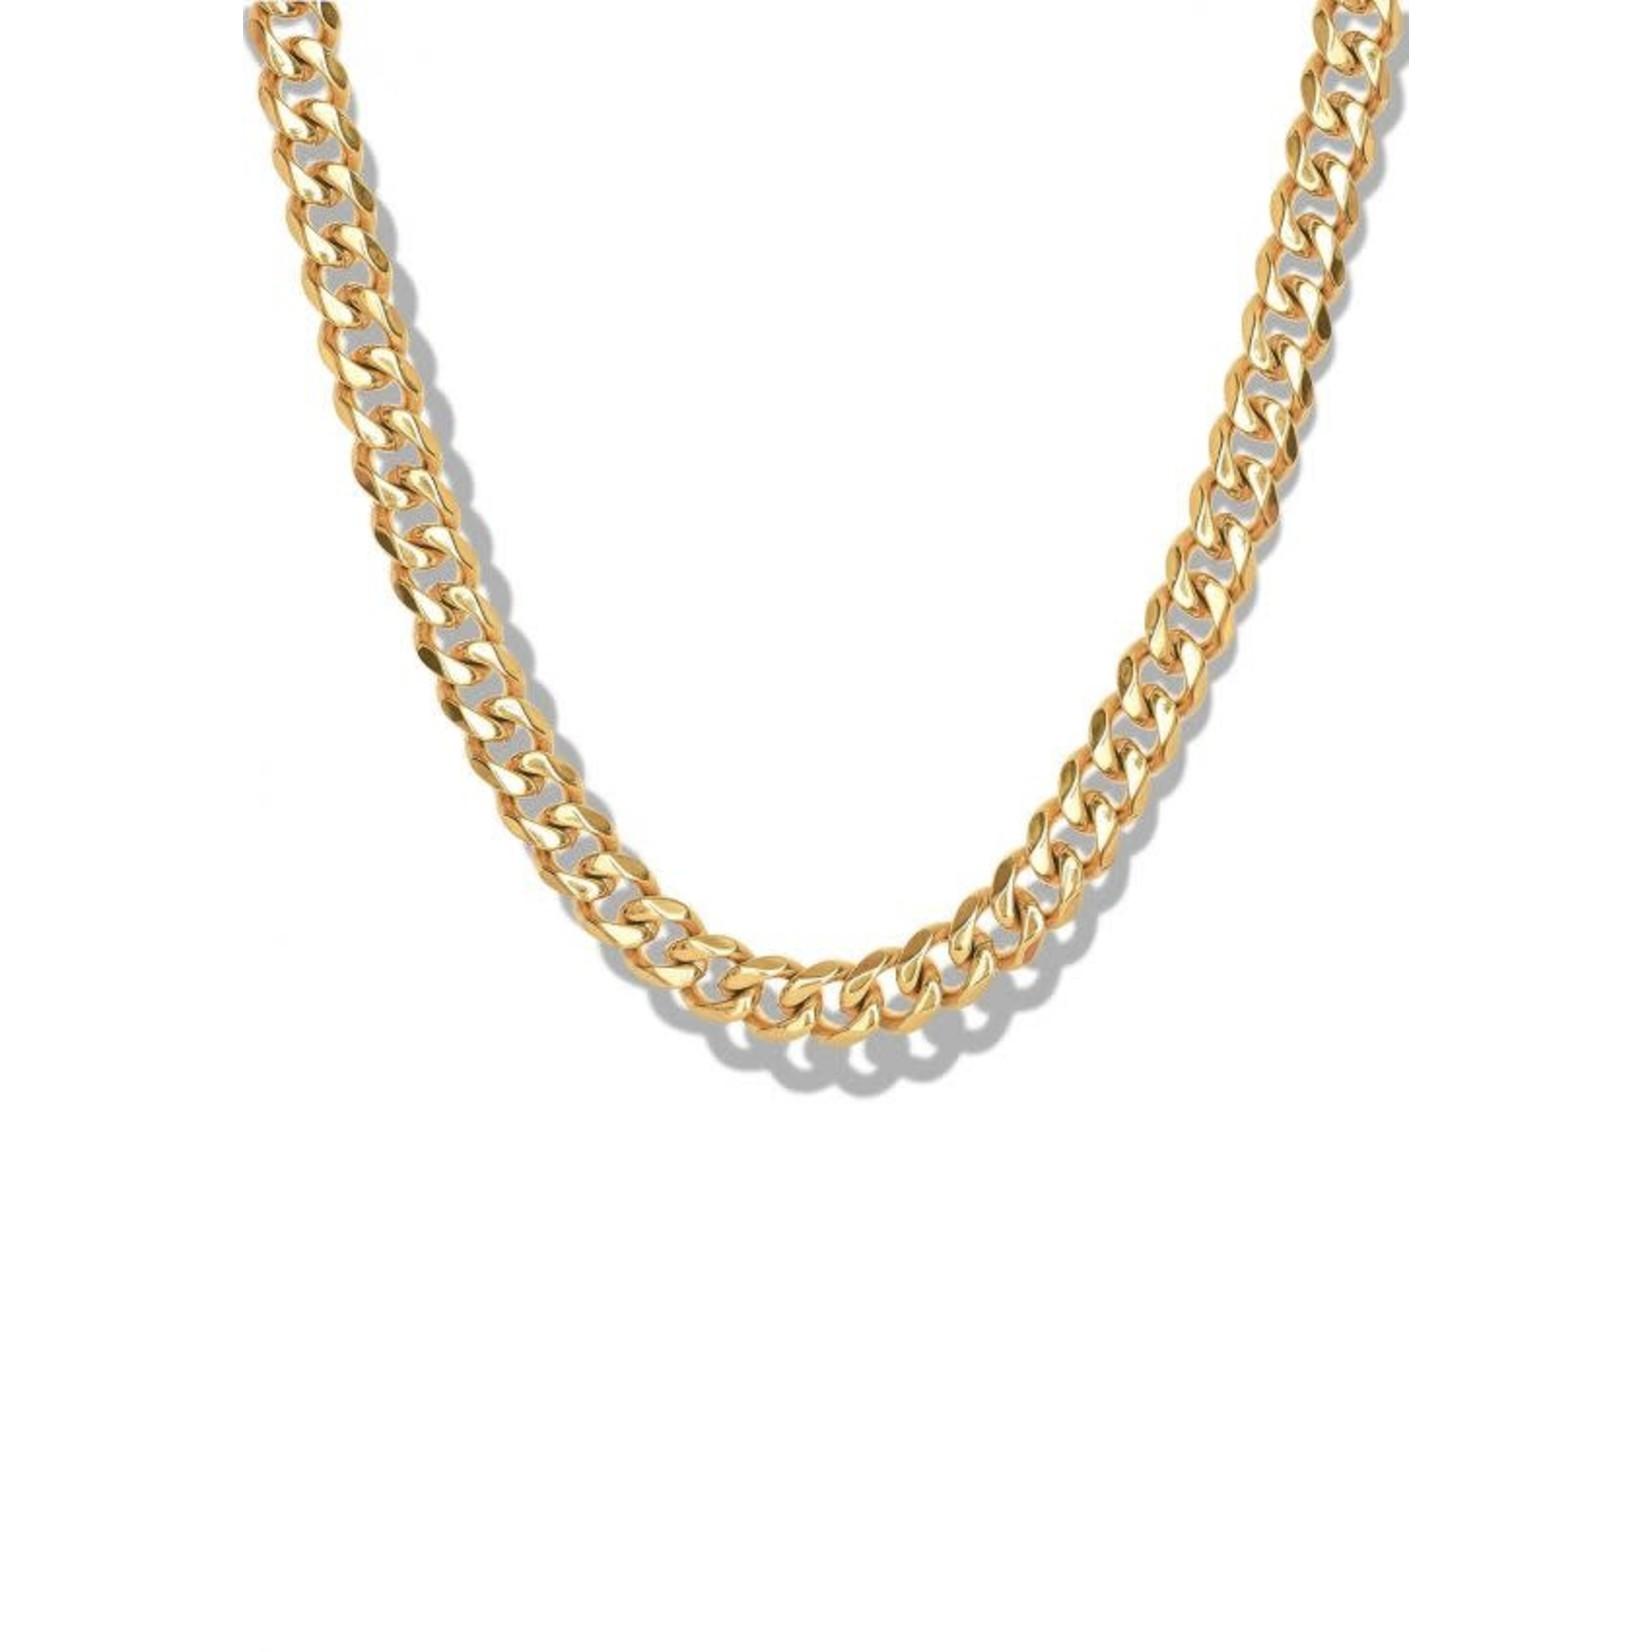 Simplicité Classic Chain Necklace